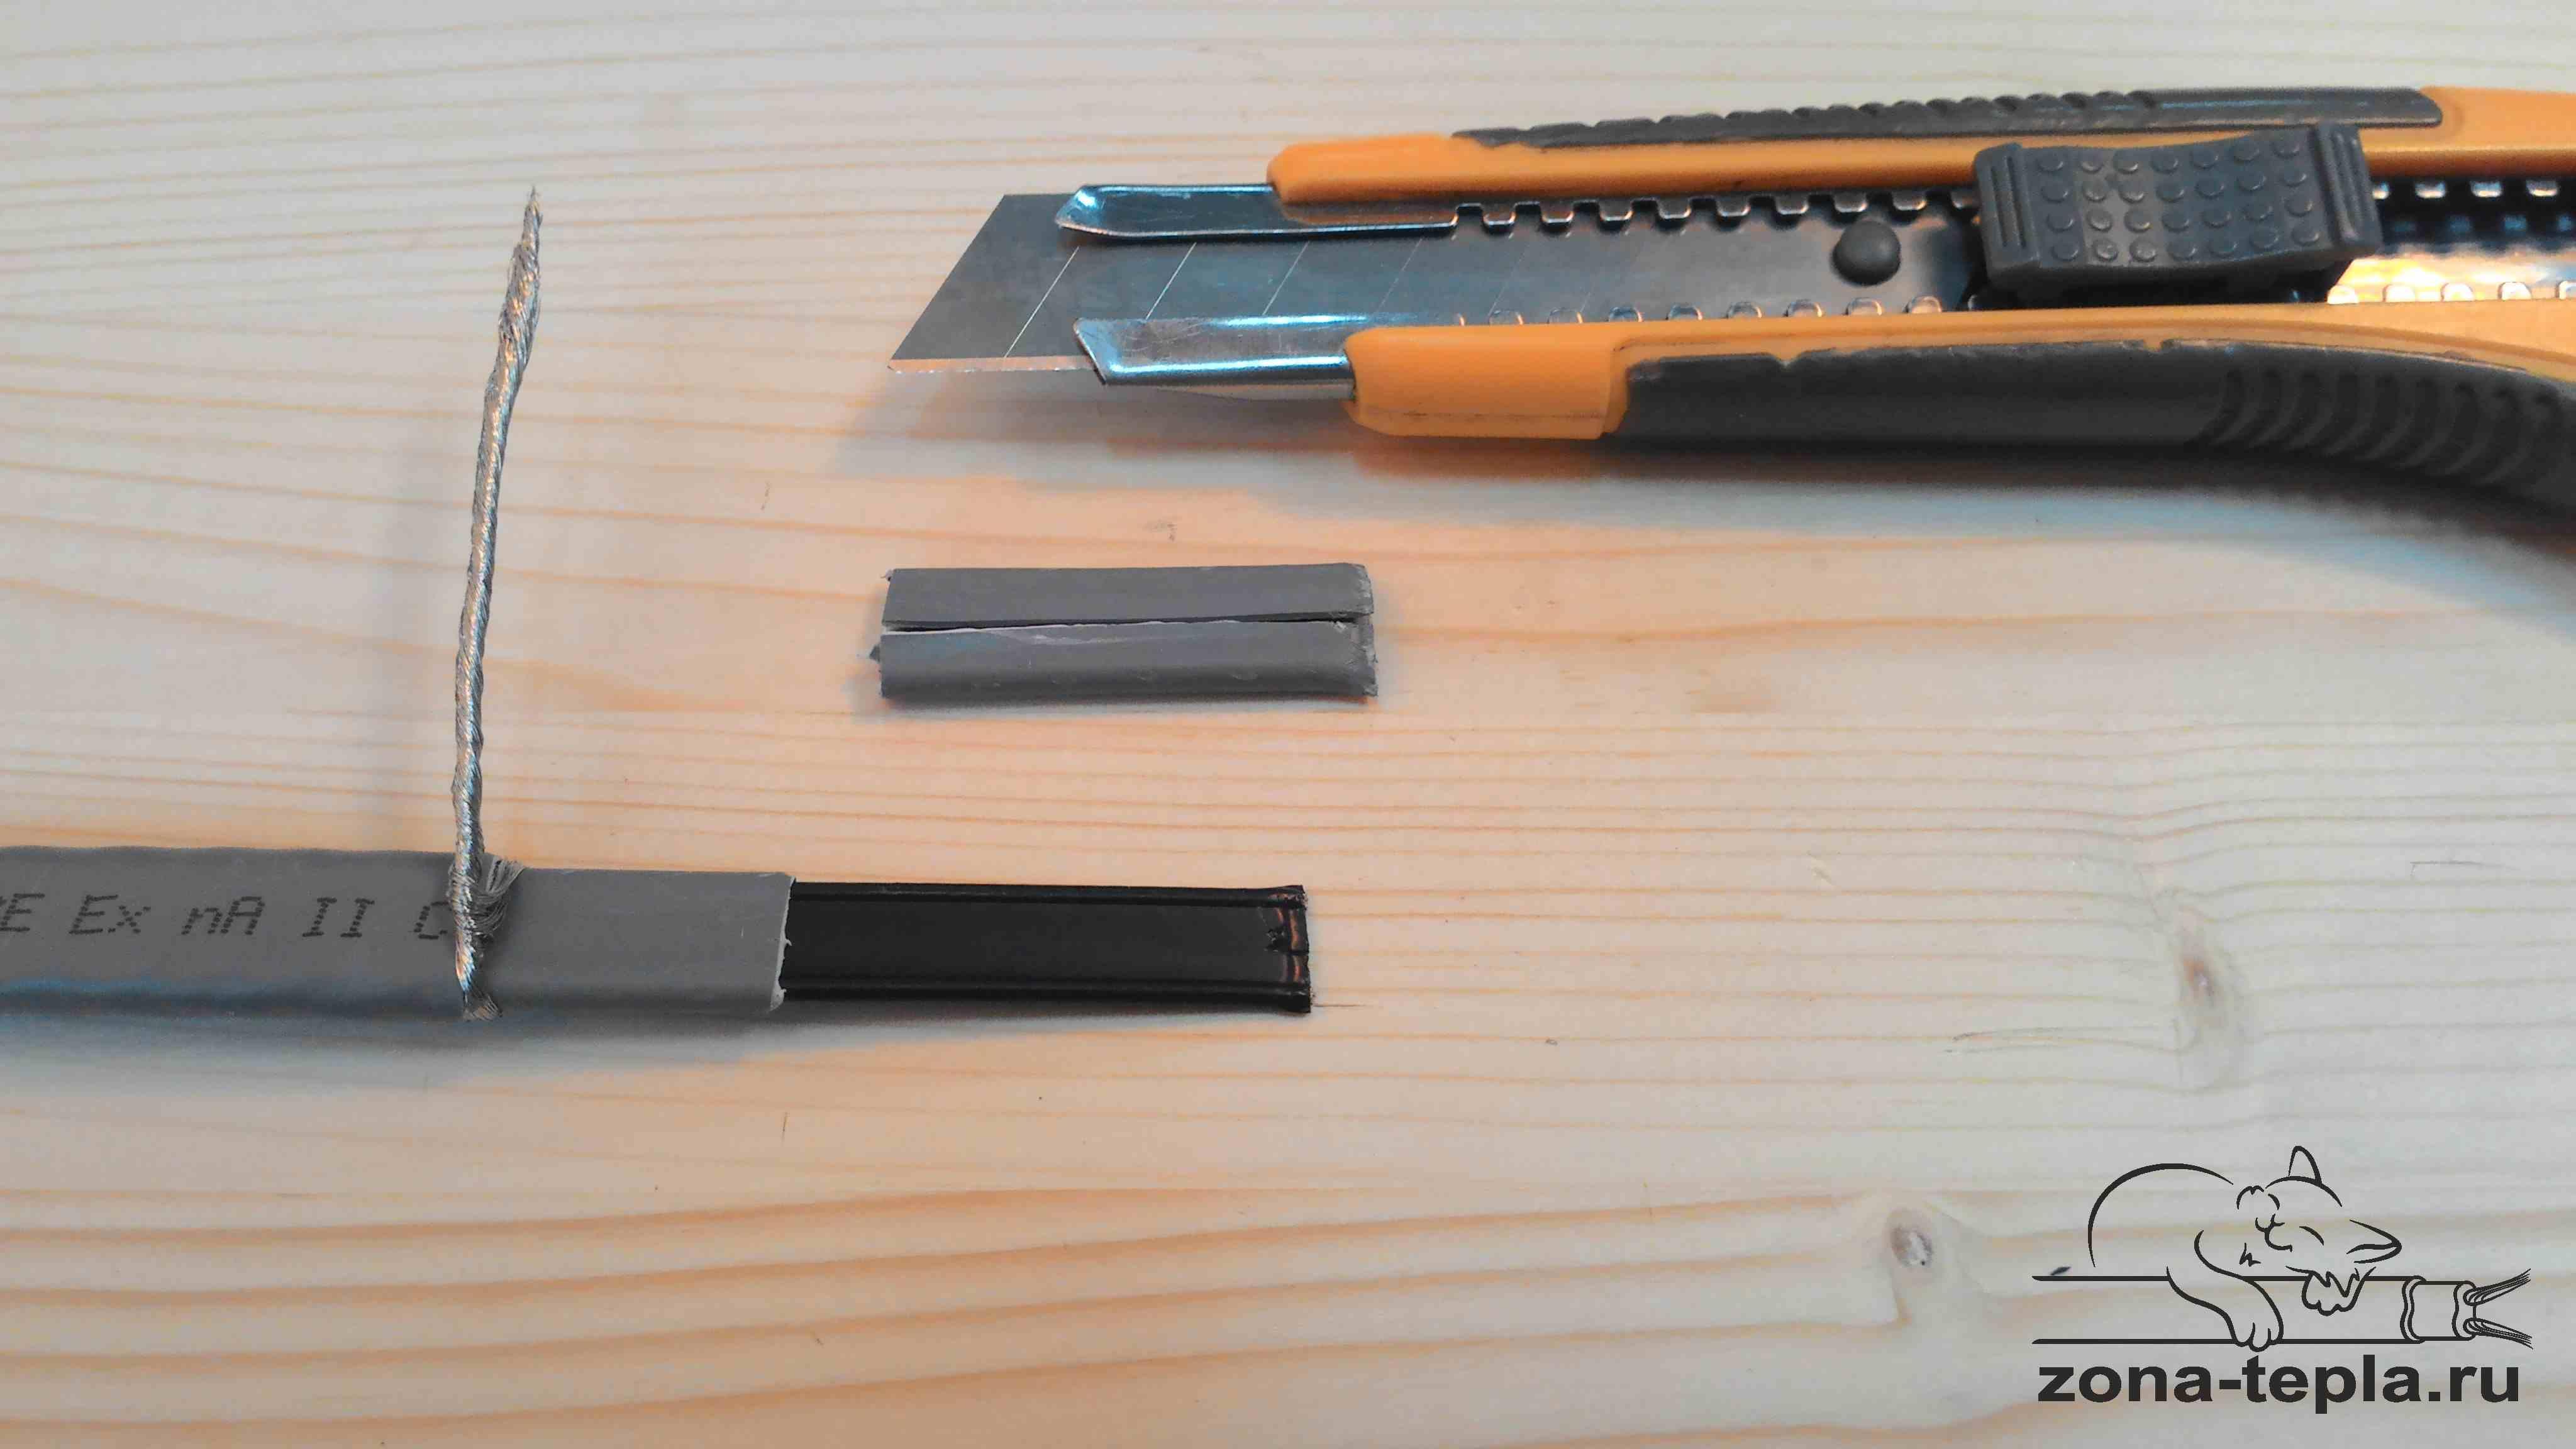 Схема подключения греющего кабеля. 7-снимаем внутреннюю изоляцию